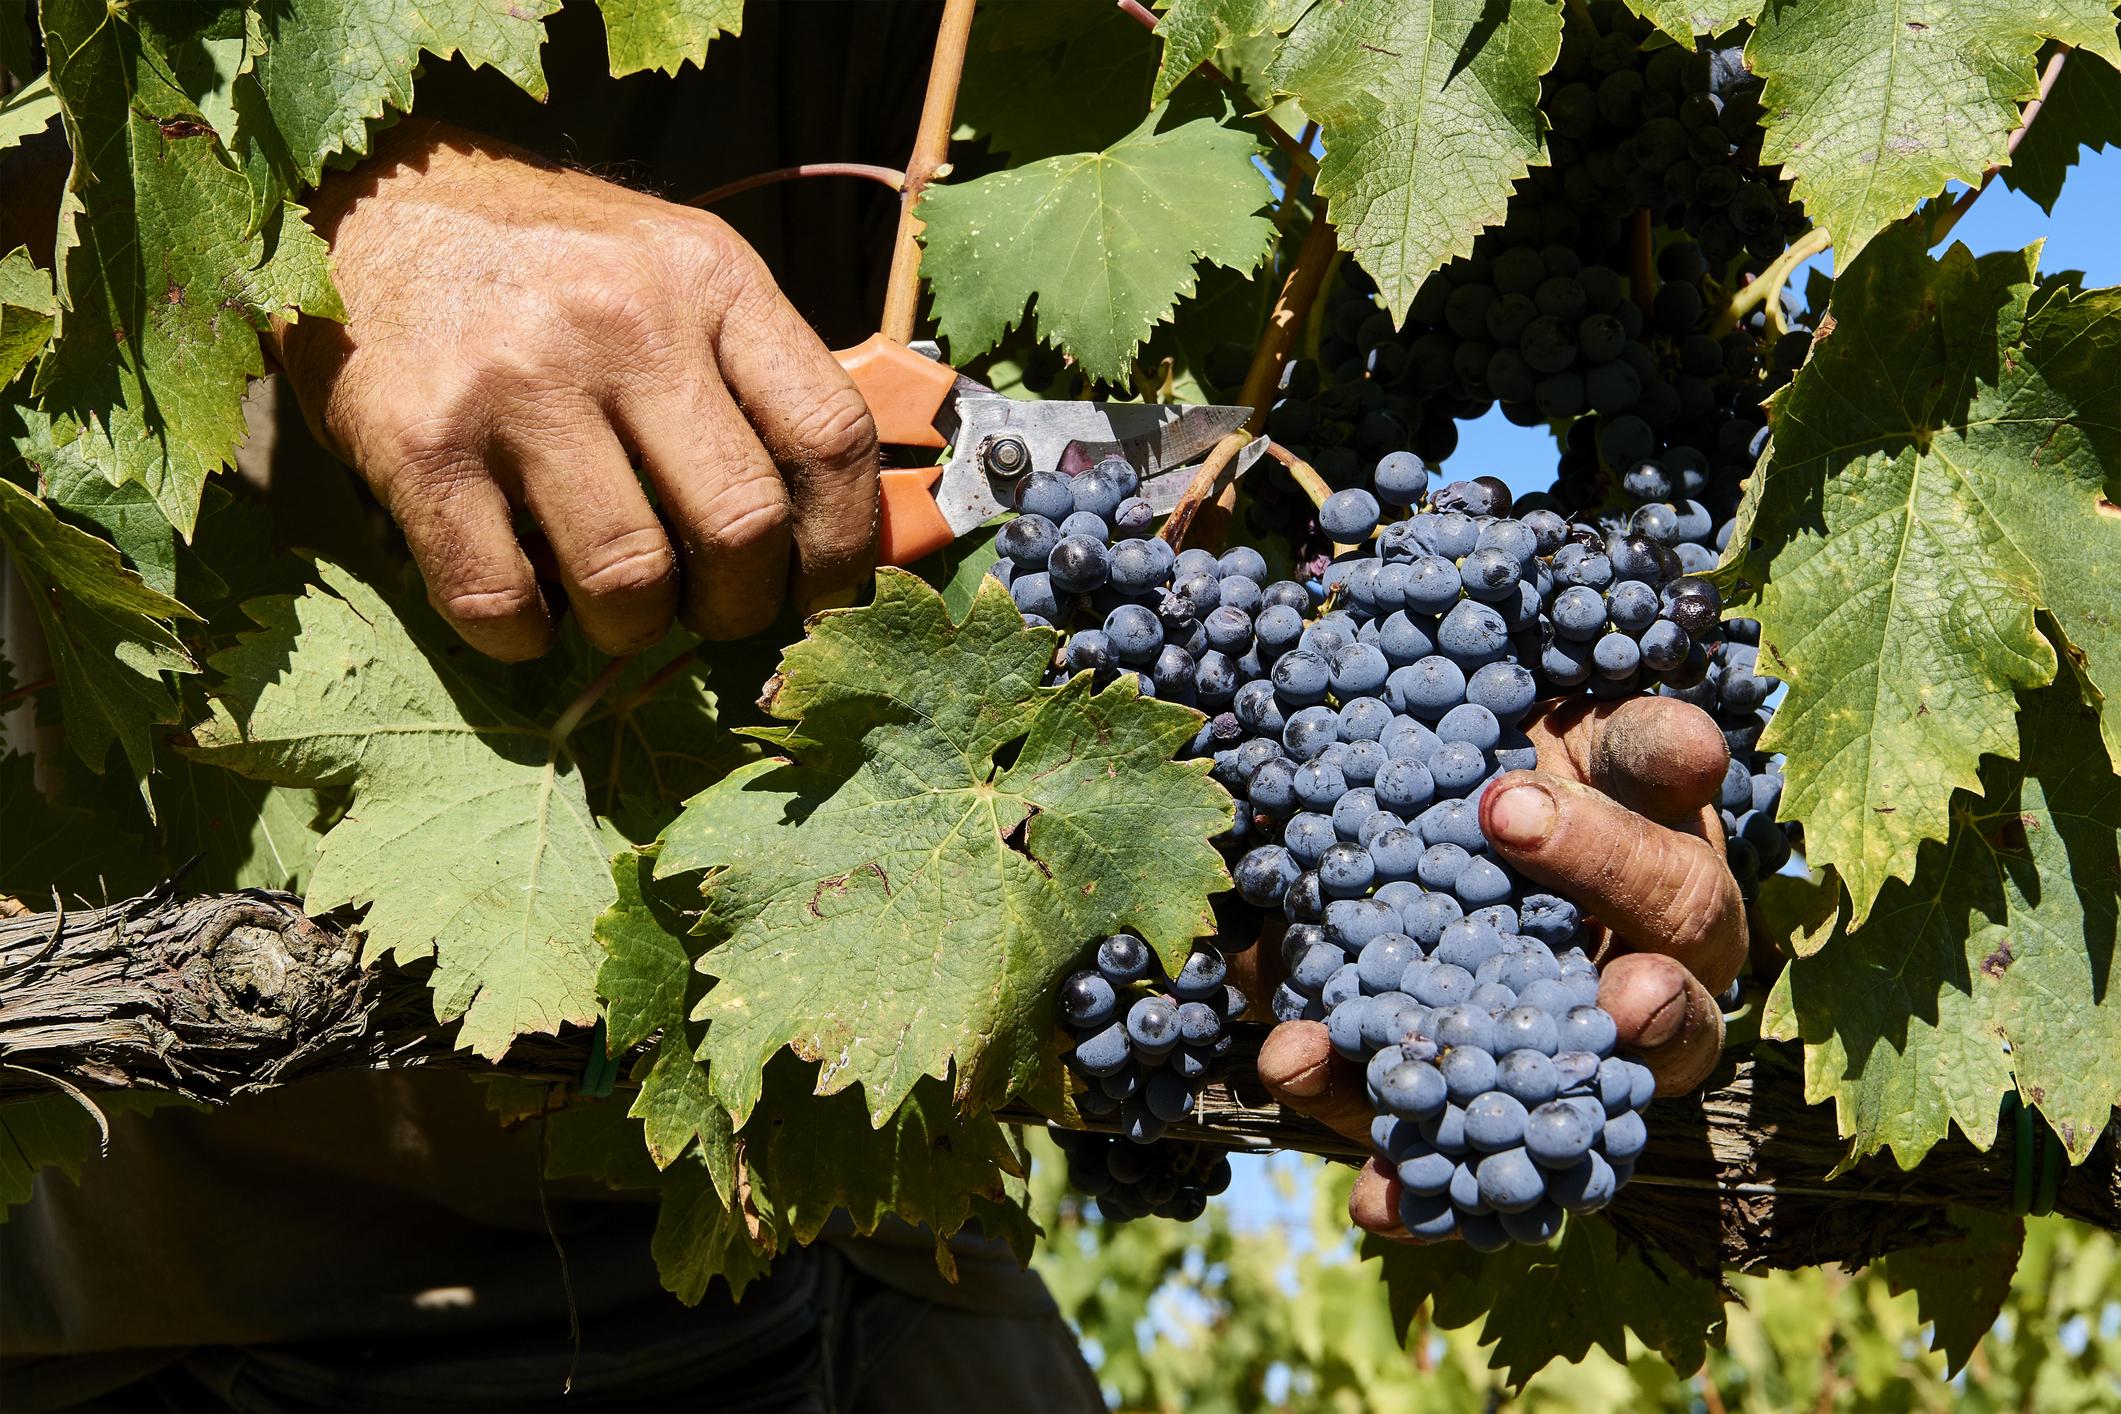 Какой сорт винограда выбрать рассказывает опытный виноградарь николай сидорцов